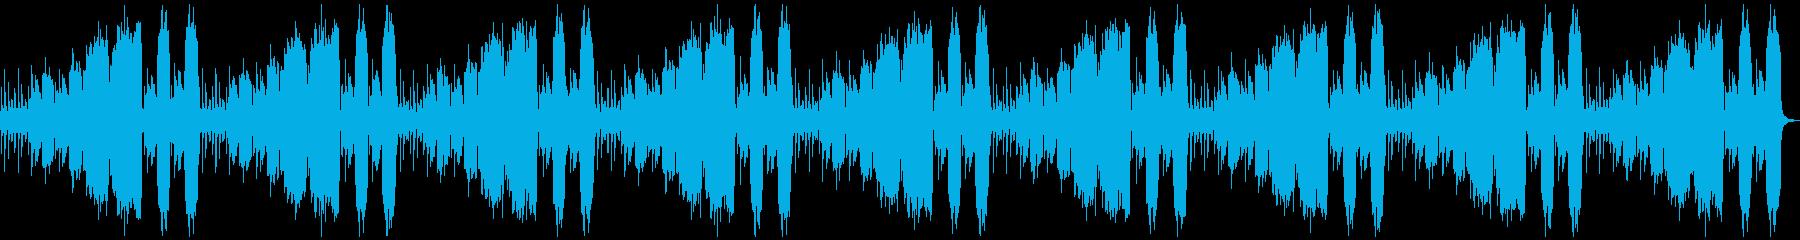 悲しい切ない神秘的、ピアノ、ストリングスの再生済みの波形